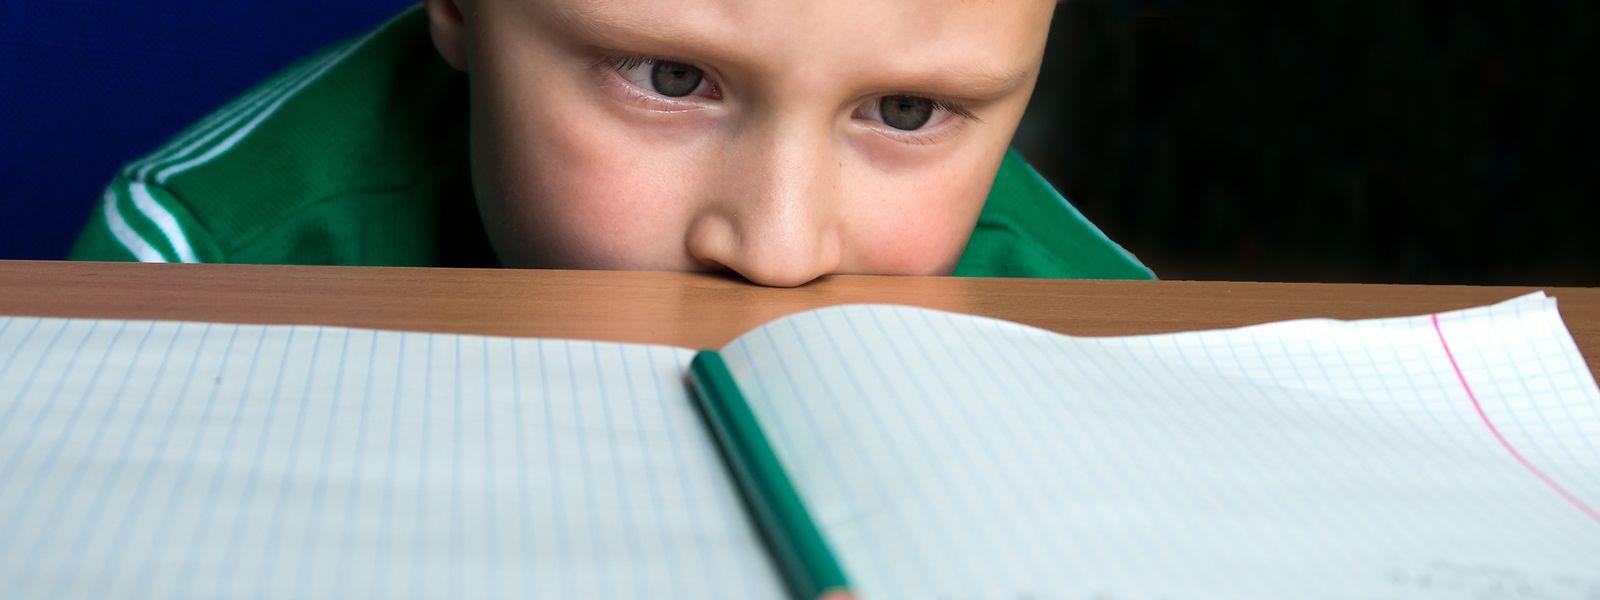 2.100 Grundschüler erhalten eine spezifische Förderung, in der Klasse oder in einer Fördergruppe.